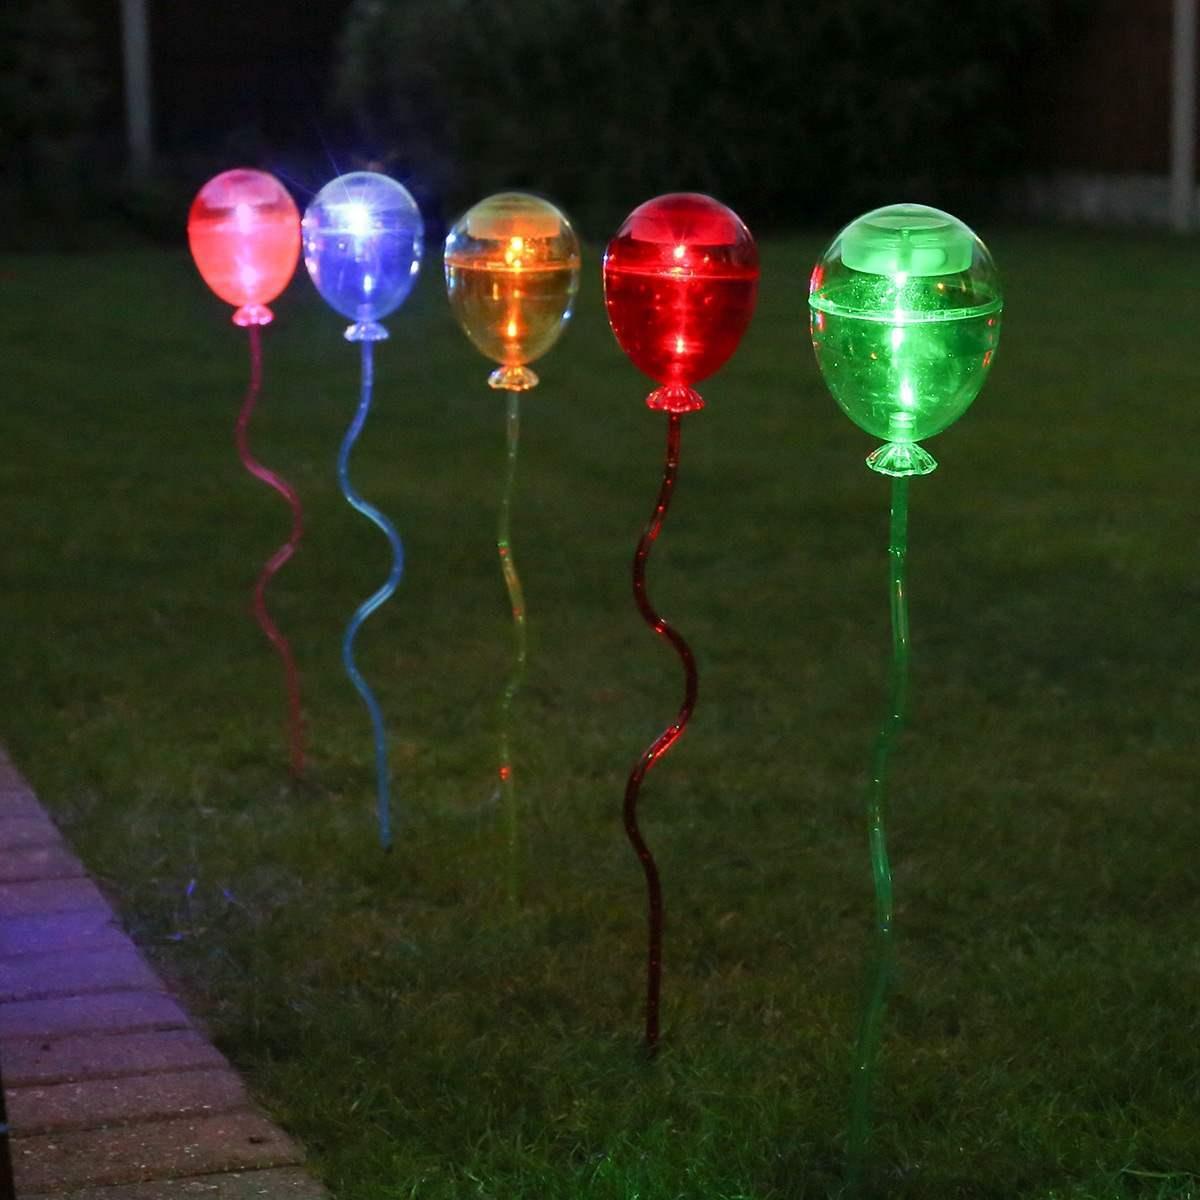 Solar Balloon Garden Stake Lights 5 Pack 60cm